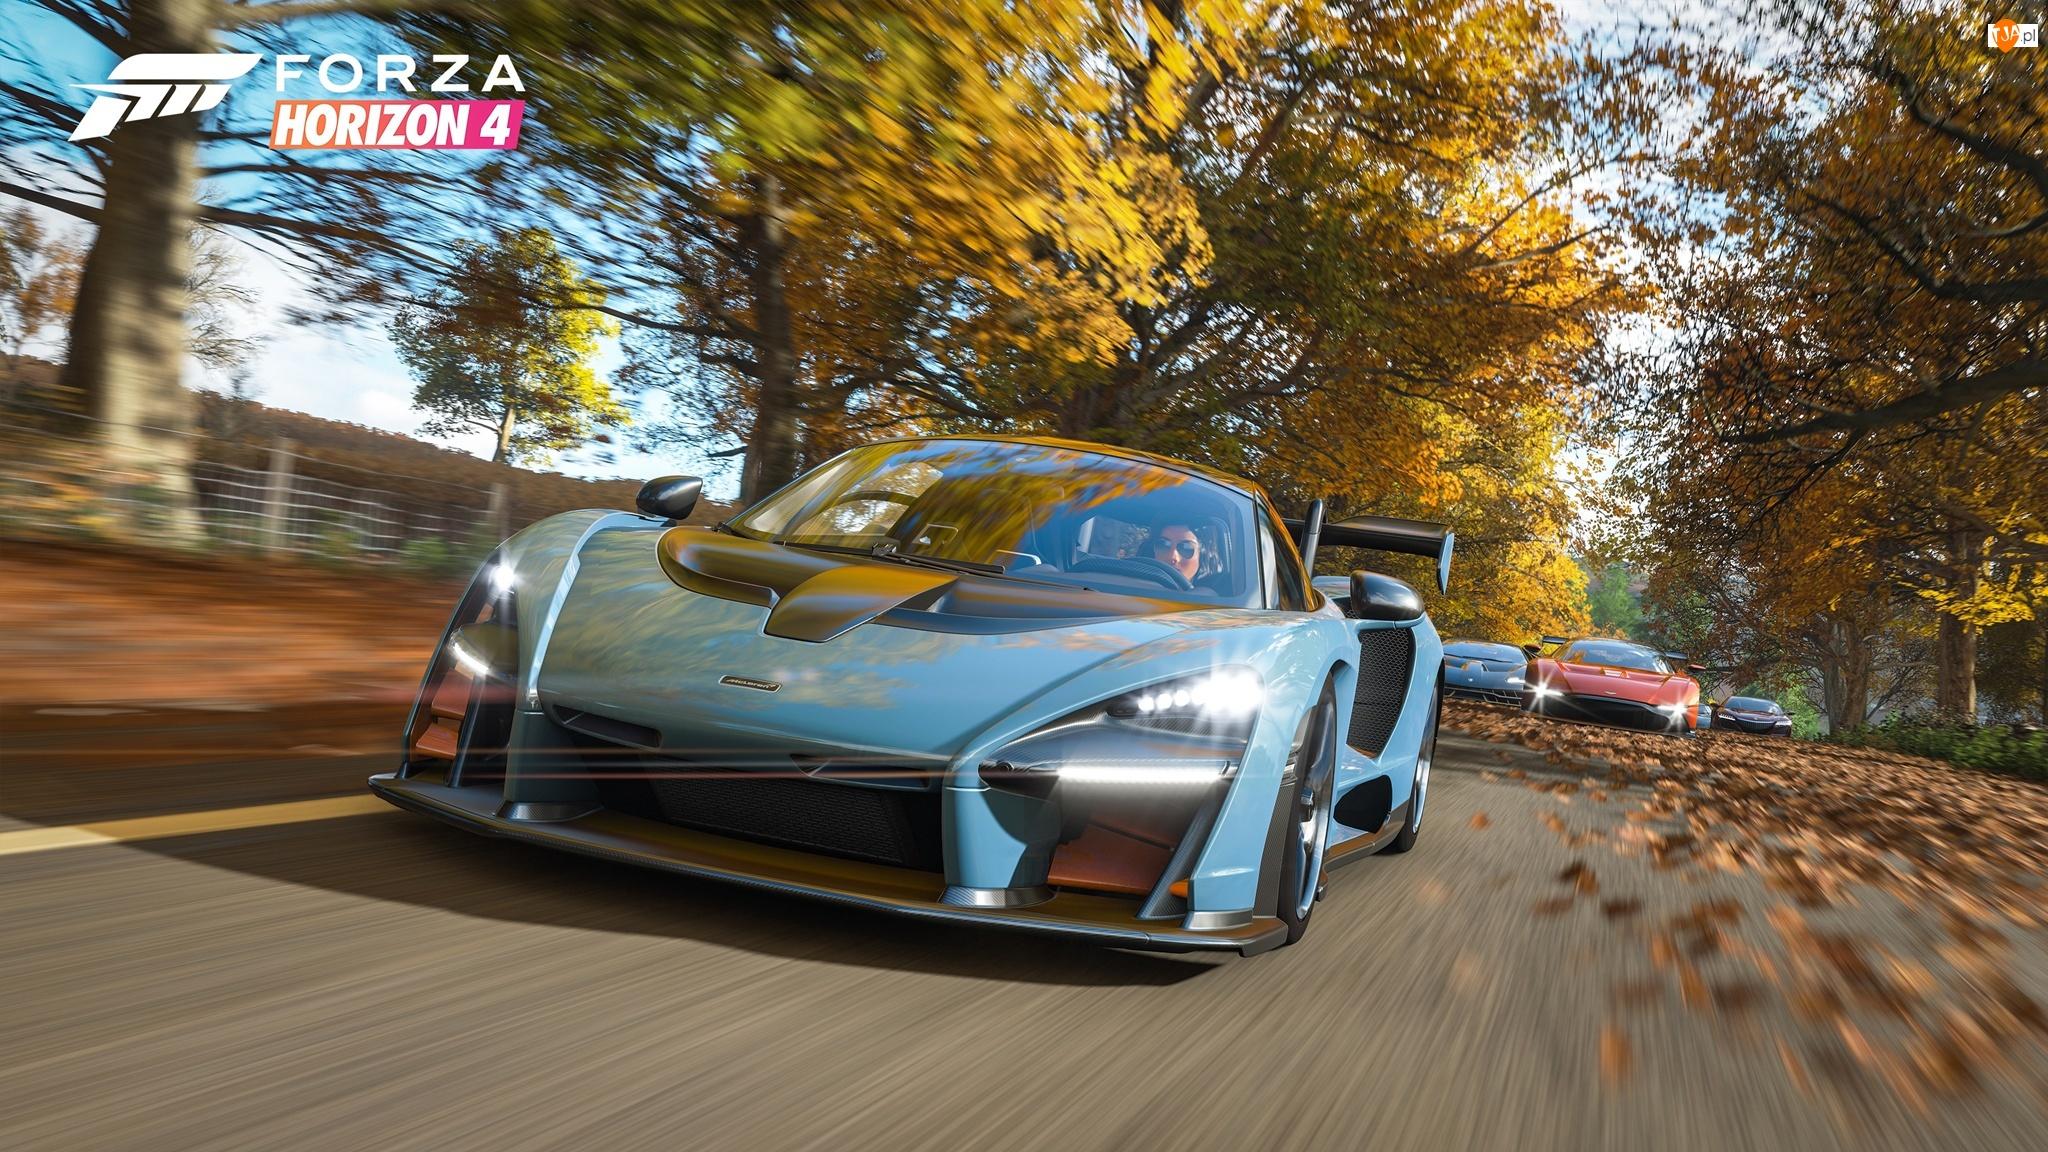 Wyścig, Forza Horizon 4, Samochody, Droga